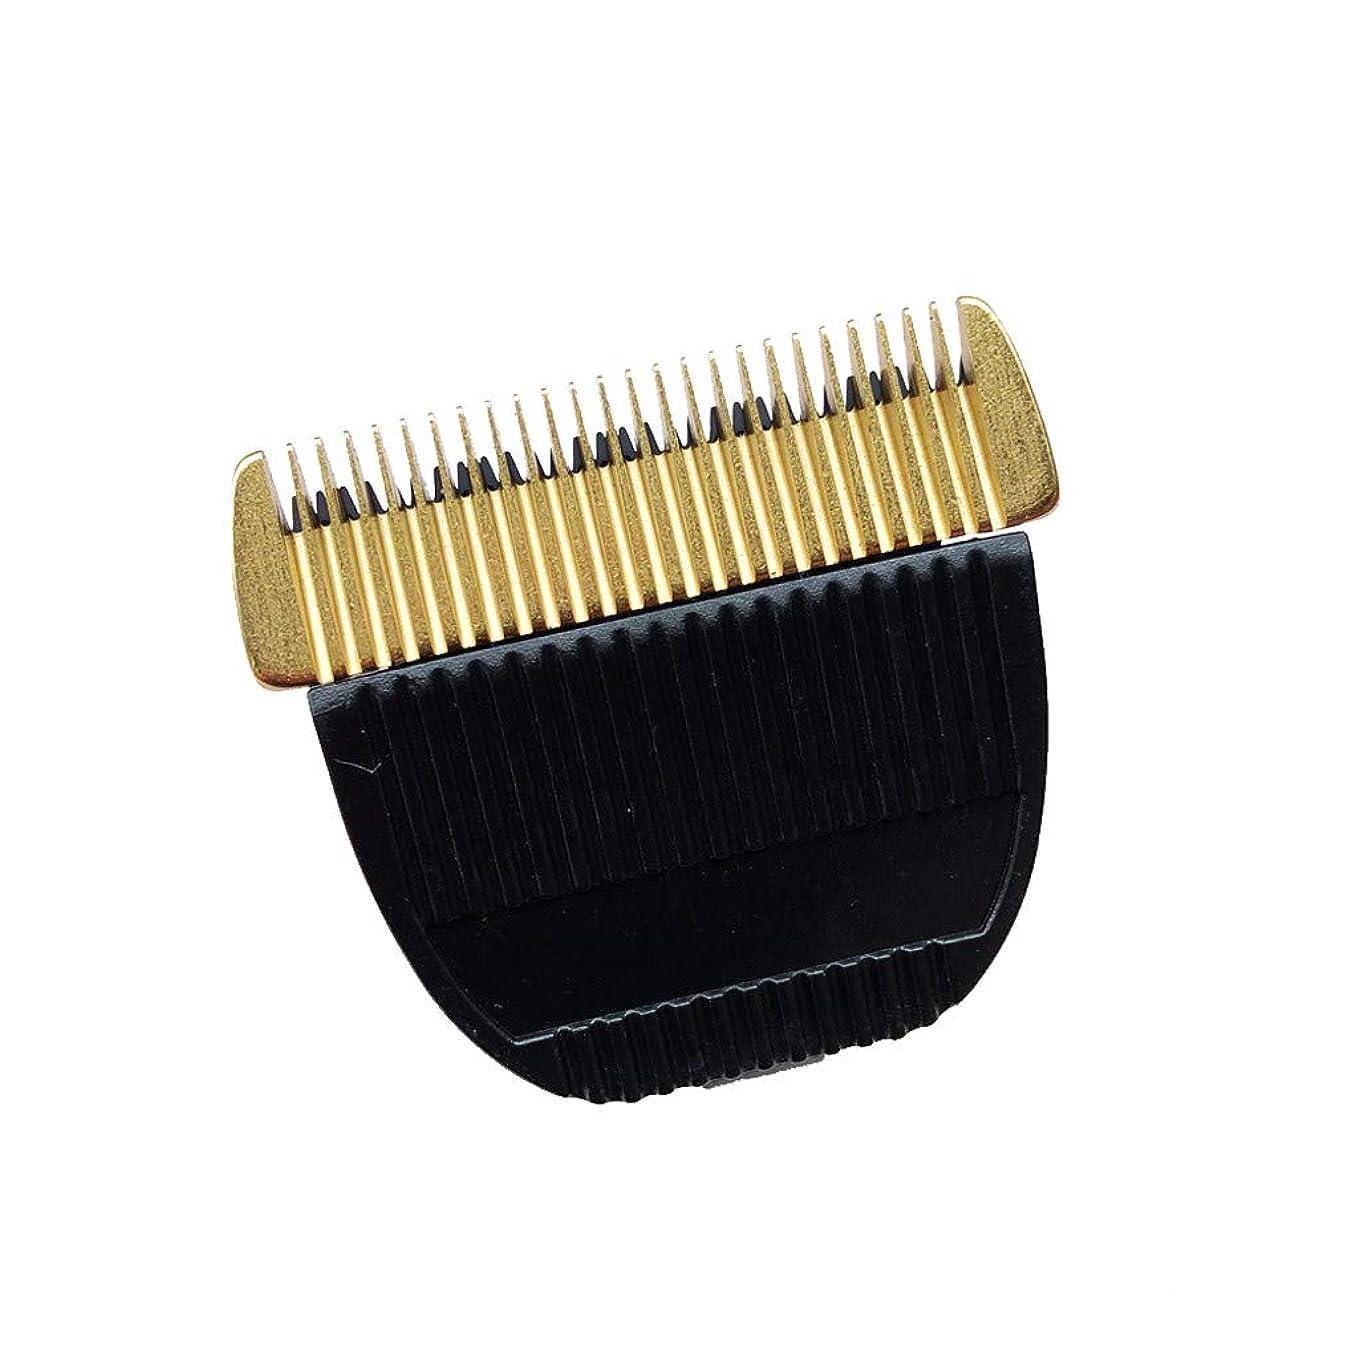 繊維流出強いますER?GP80 1610 1611 1511 153 154 160 VG101ホストの交換部品にはカミソリヘッドが適している